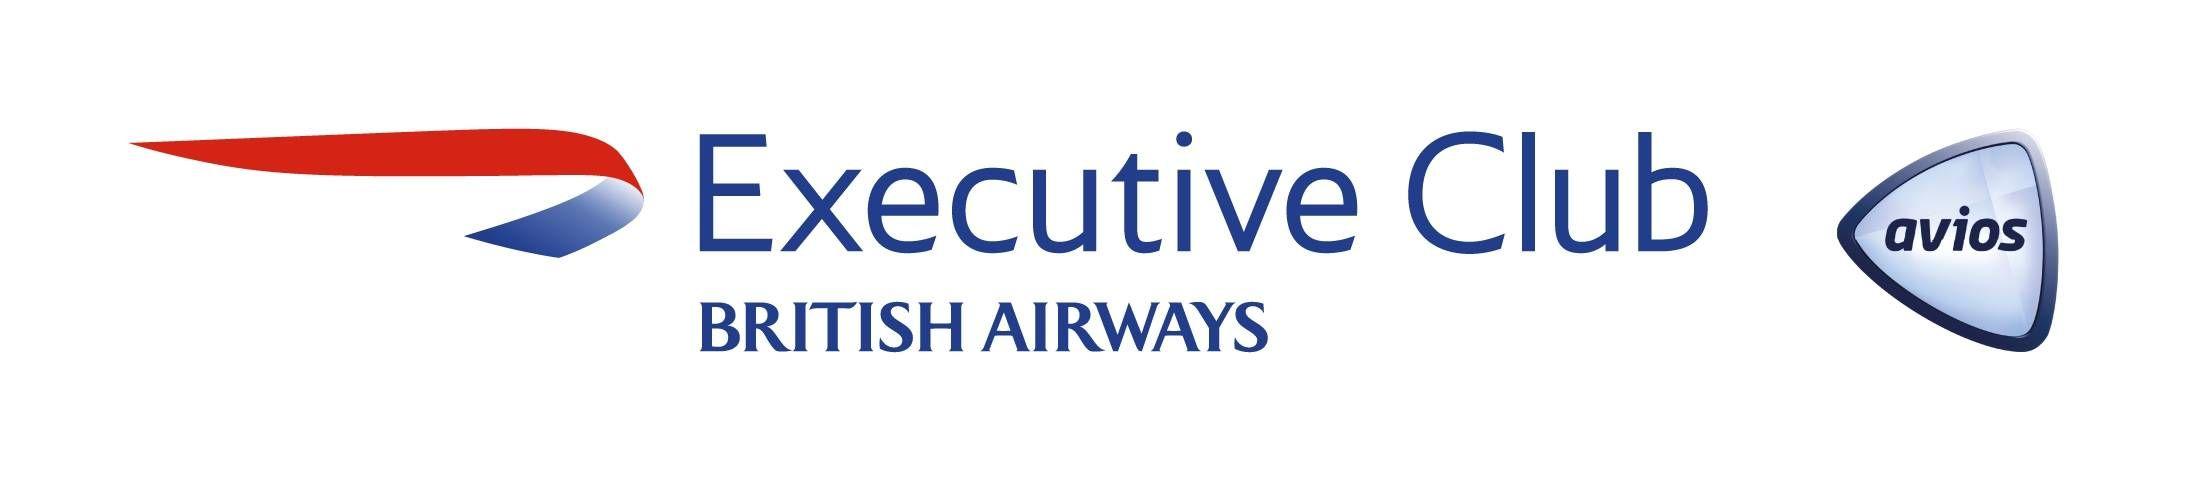 HSBC permite envio de pontos para o Executive Club da British Airways